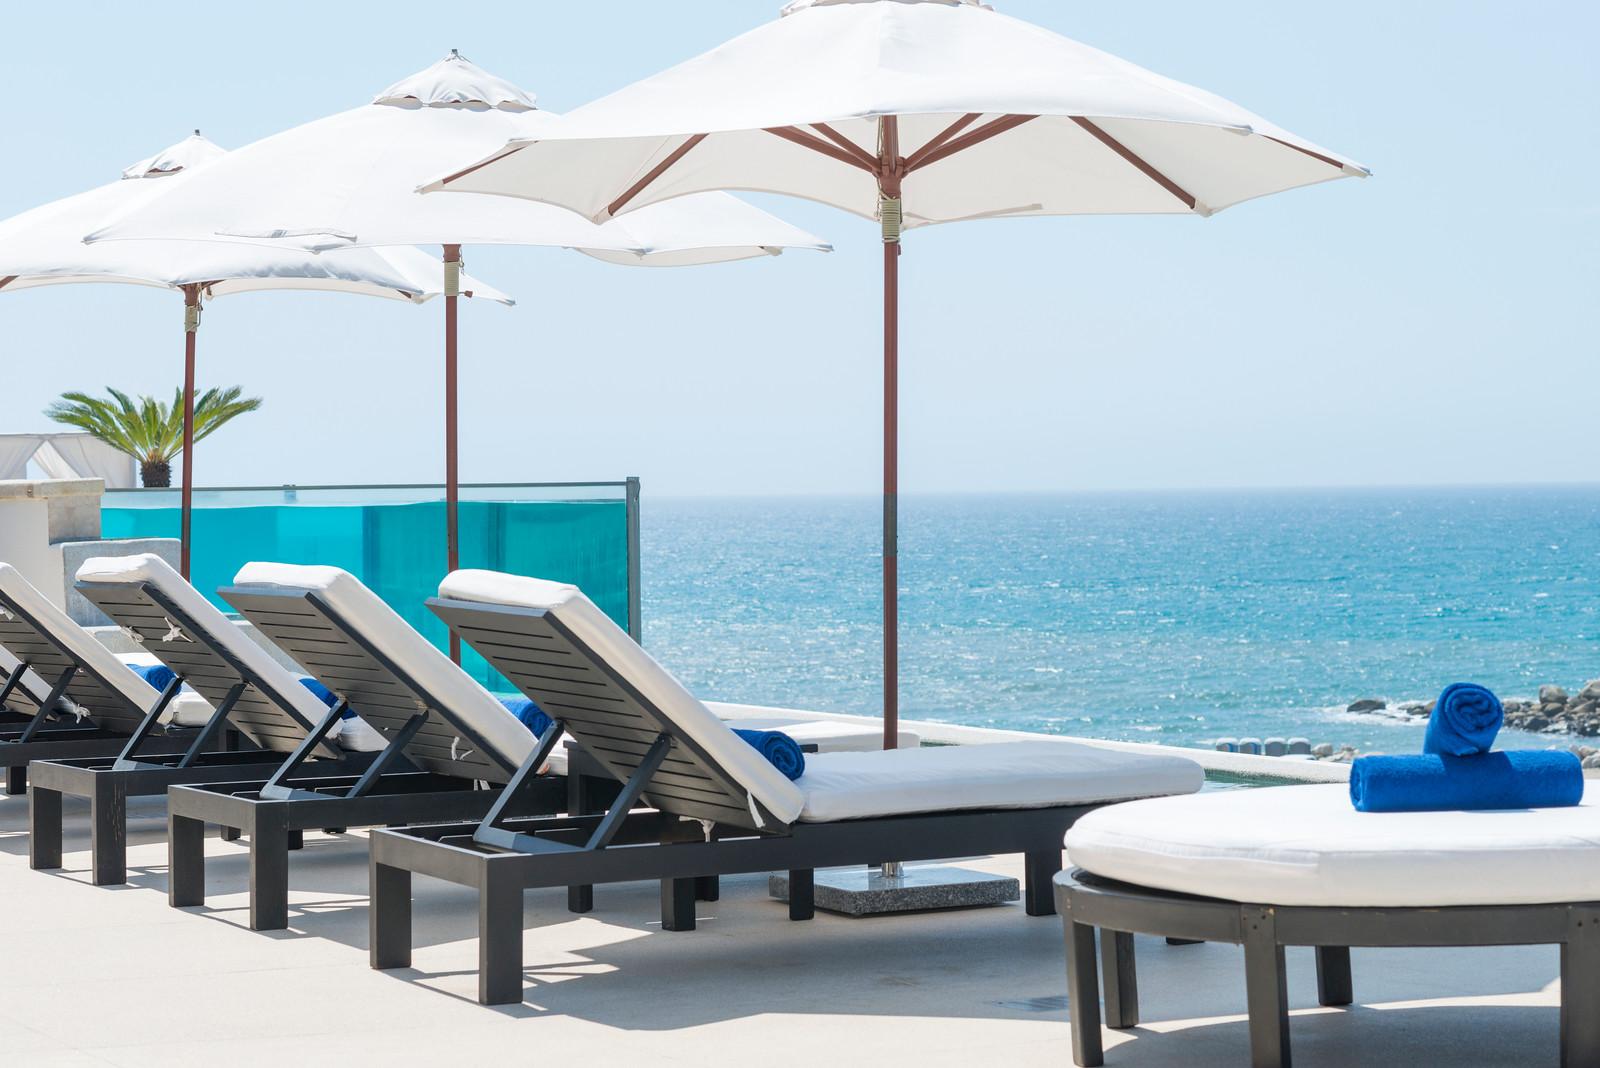 Photo Courtesy of Hotel El Ganzo